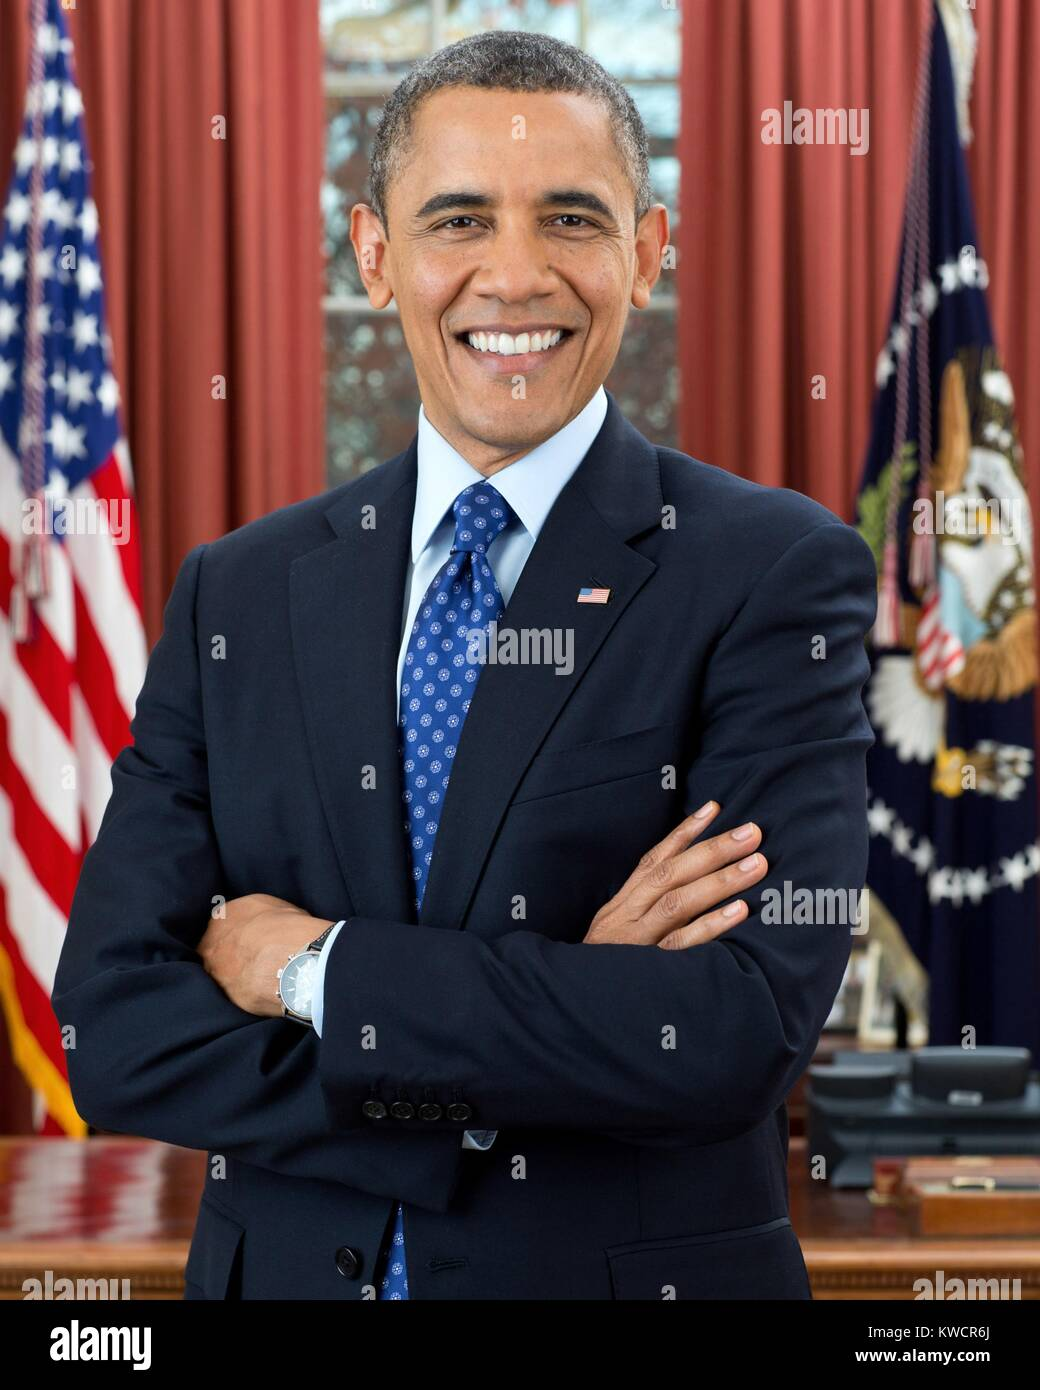 El presidente Barack Obama es oficial segundo término retrato. Casa Blanca, la Oficina Oval, 6 de diciembre de 2012. Foto de stock